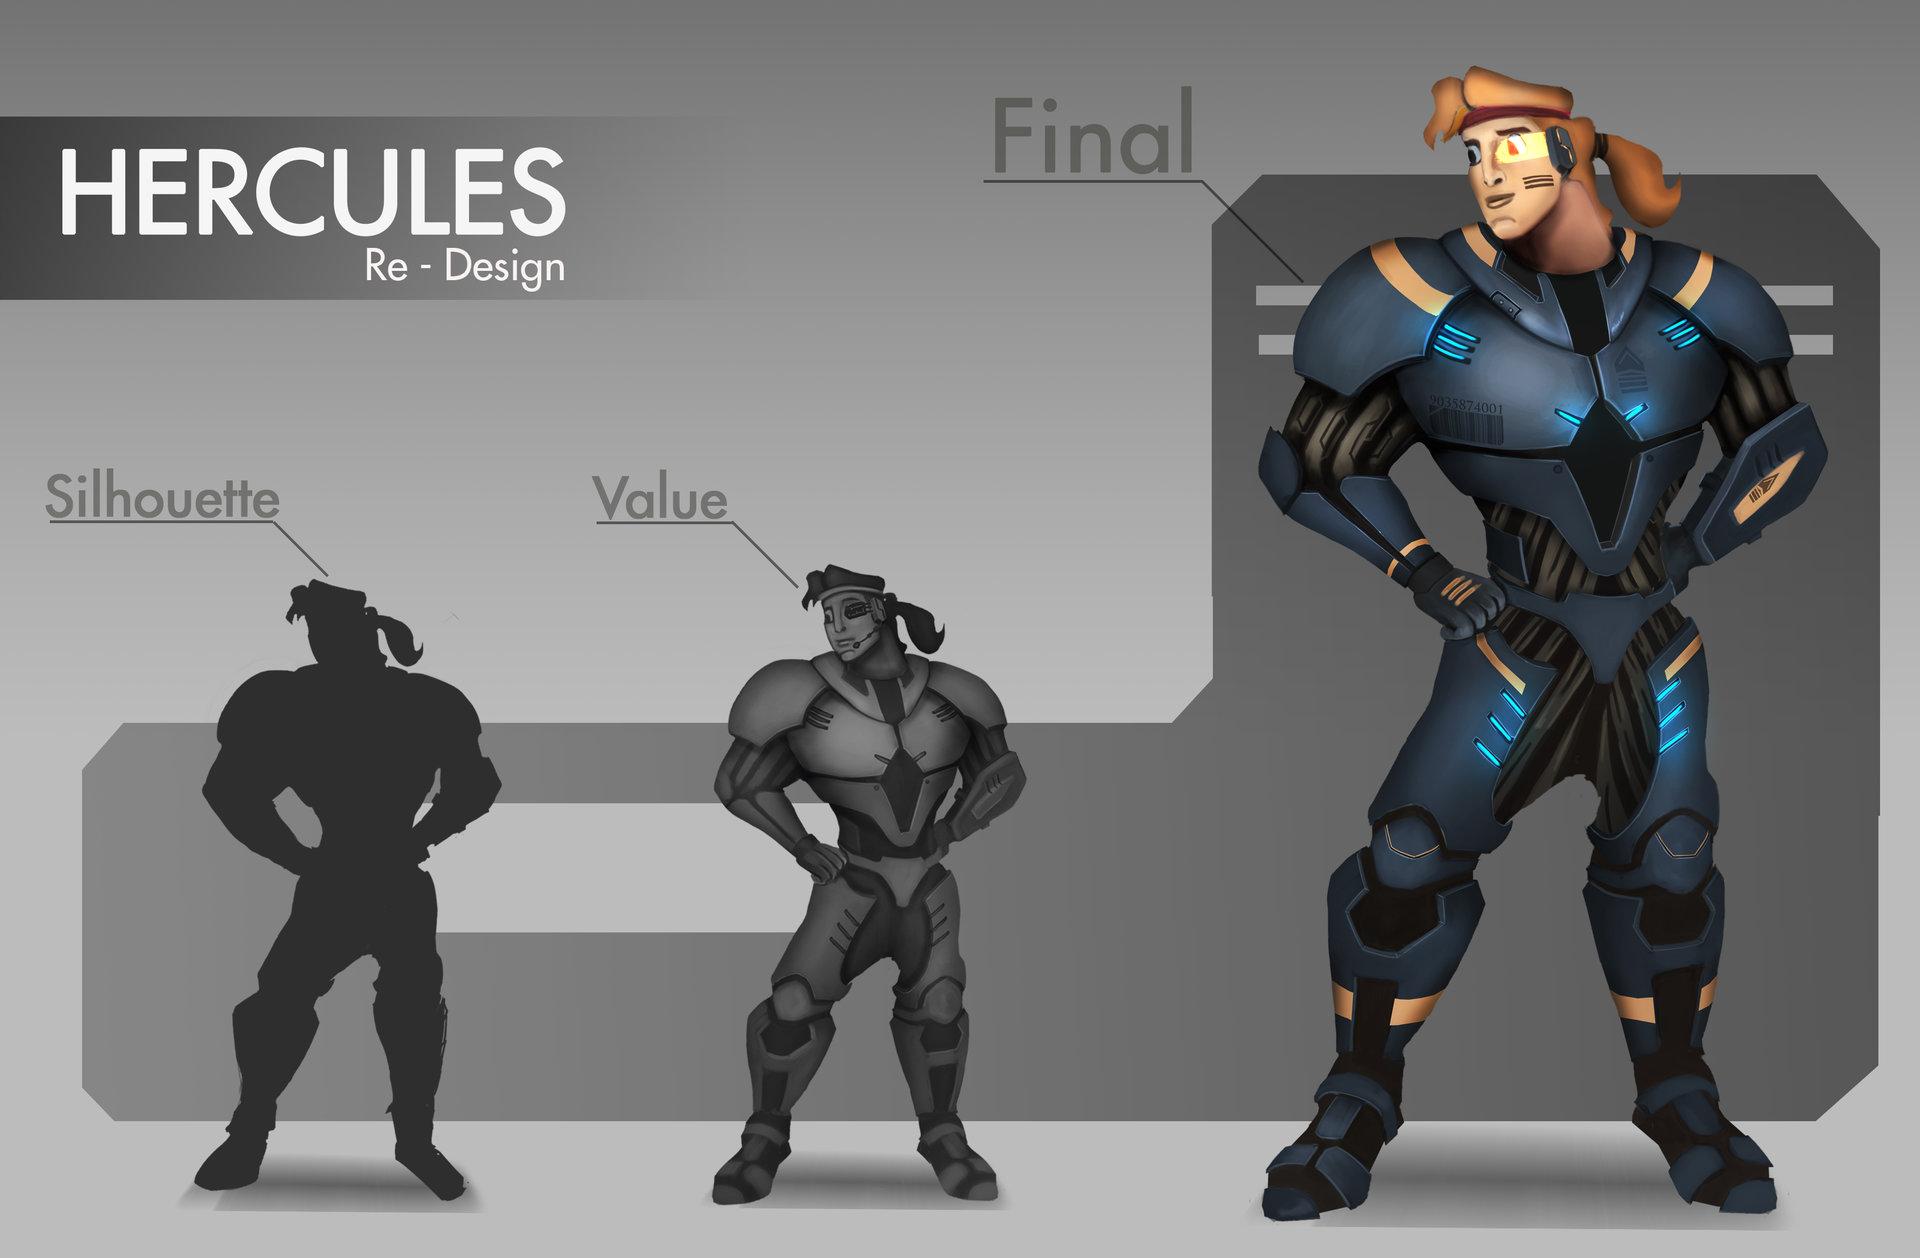 S E A D Hercules Disney Movie Re Design Sci Fi